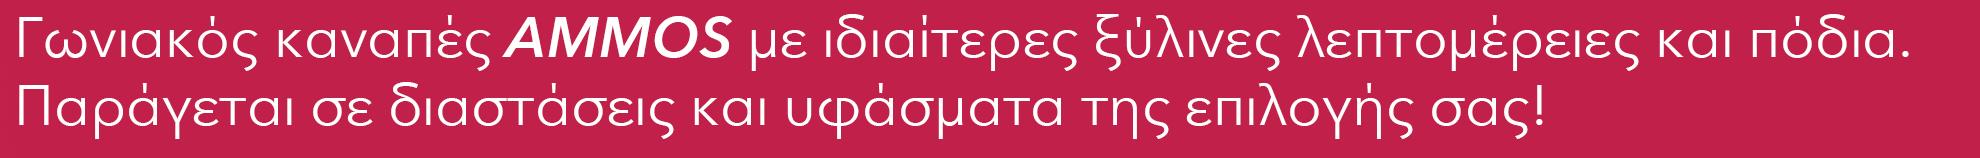 slide2_tag.jpg